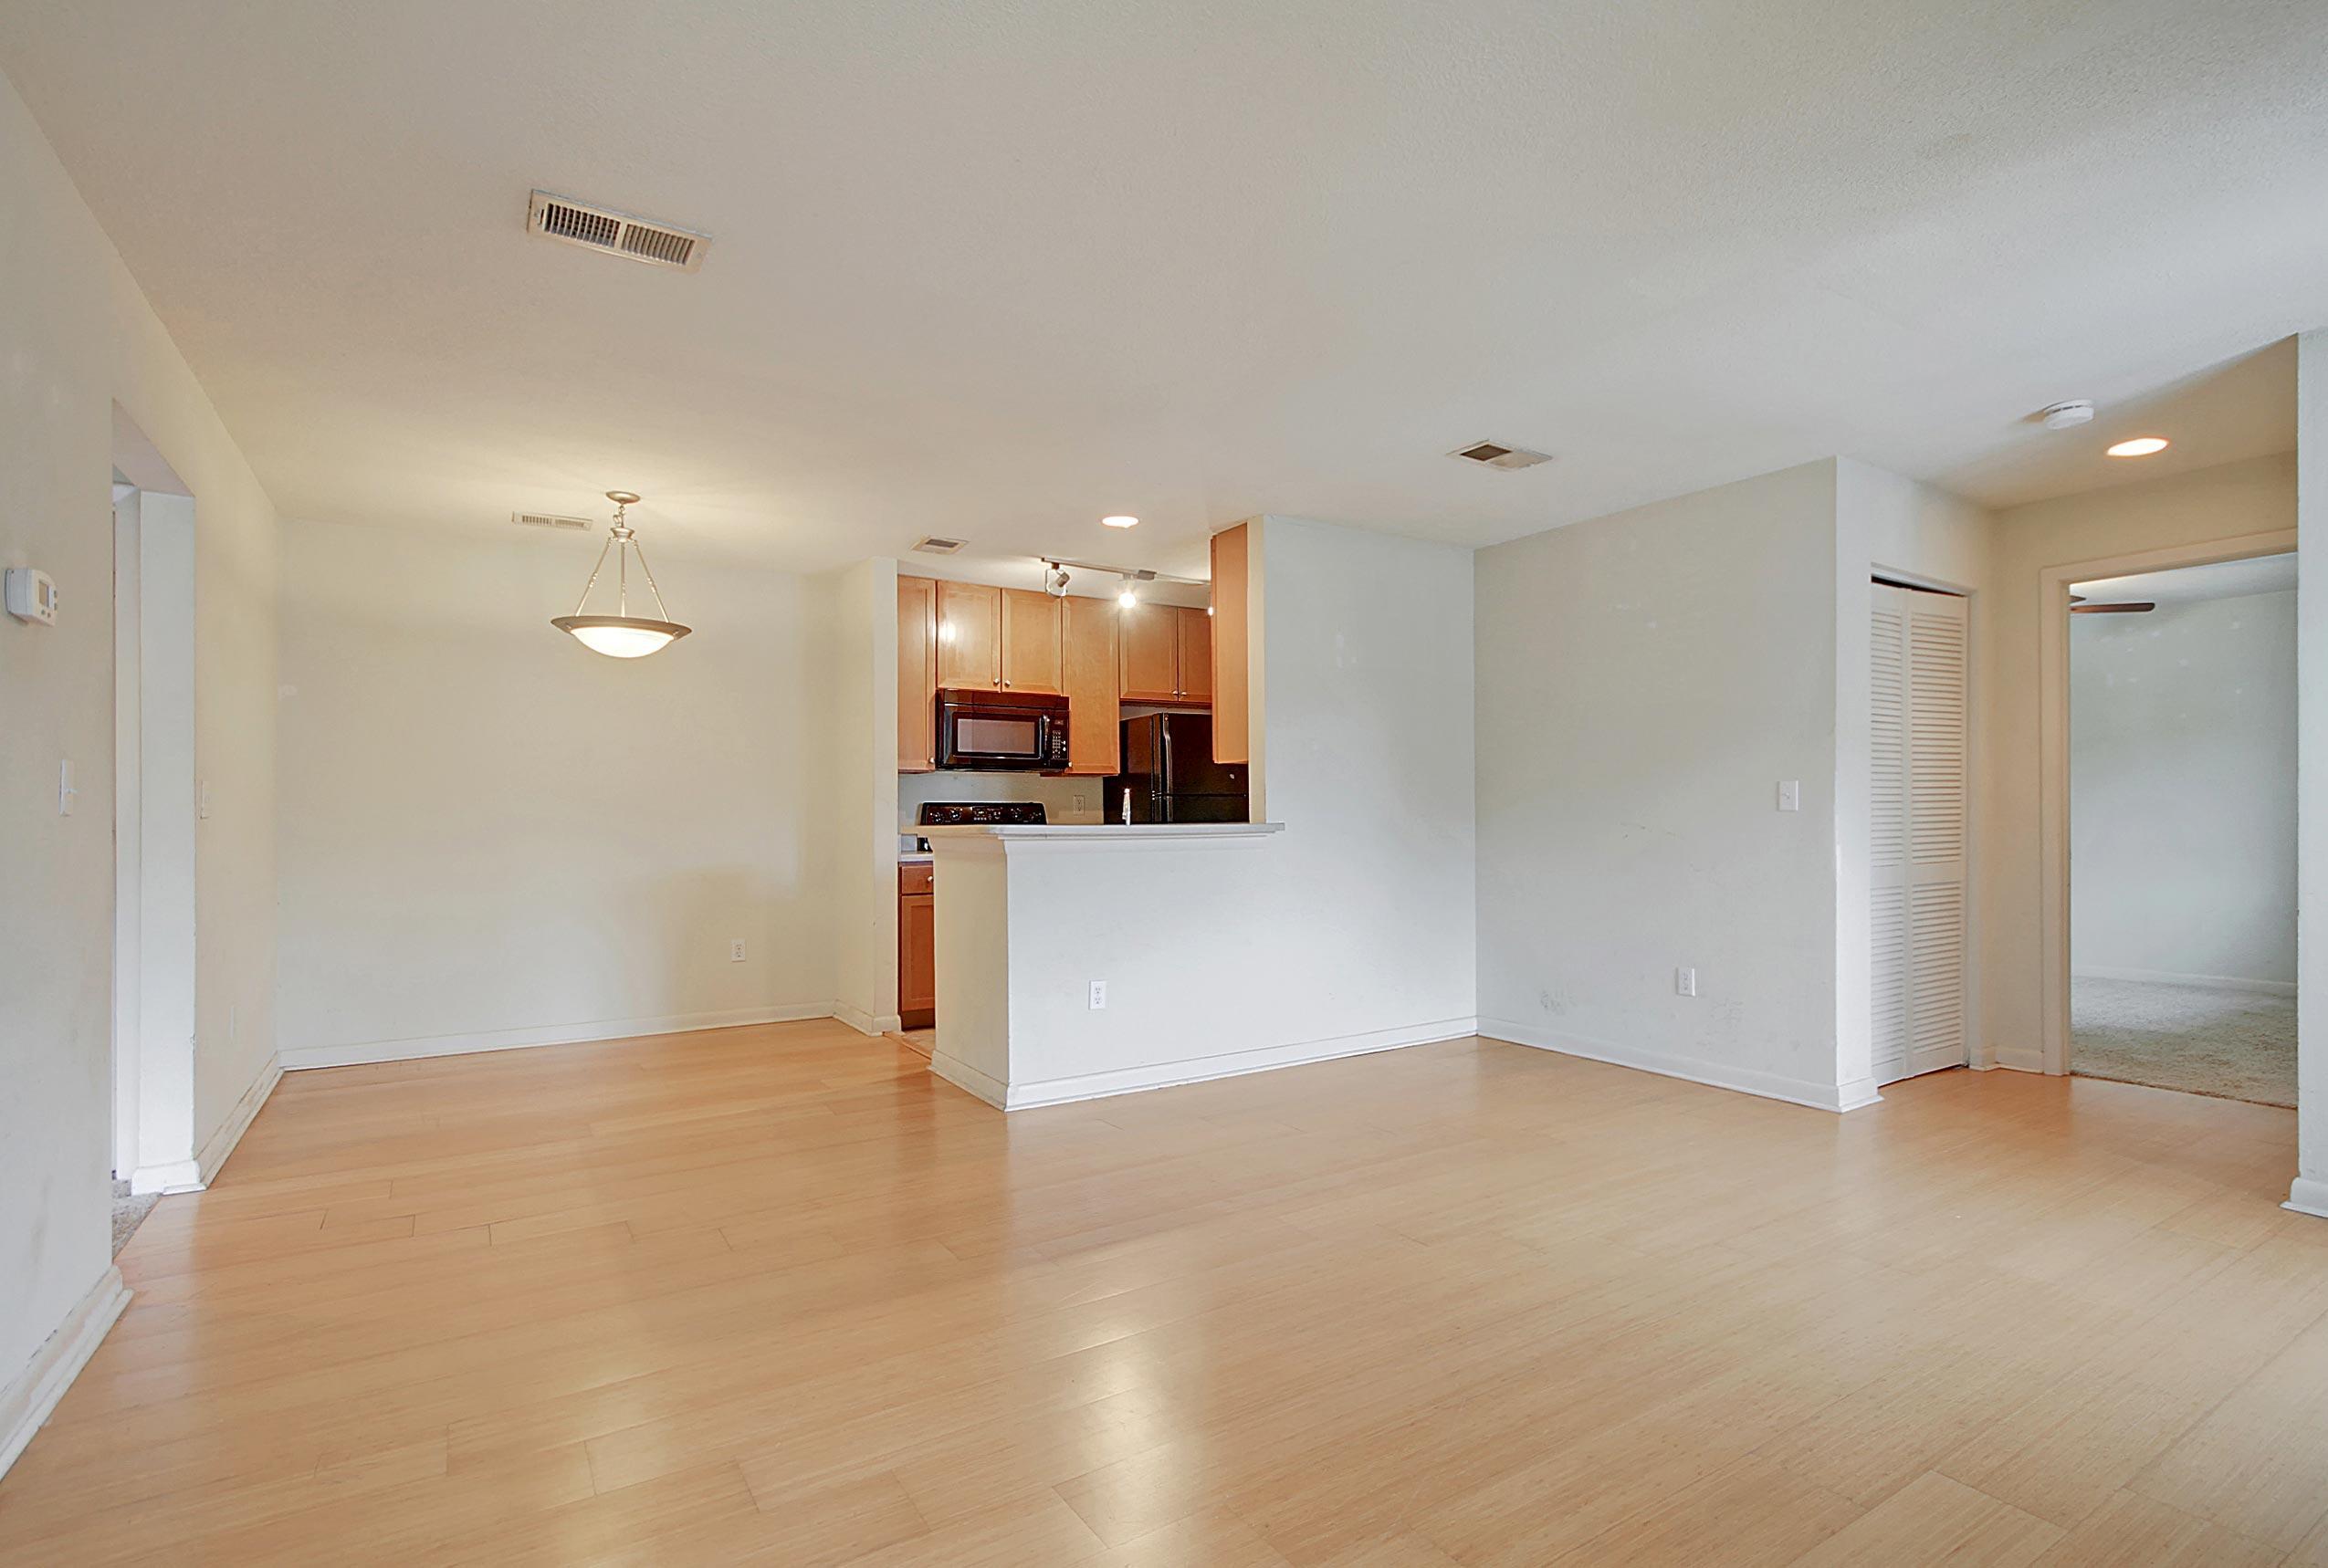 East Bridge Town Lofts Homes For Sale - 273 Alexandra, Mount Pleasant, SC - 14